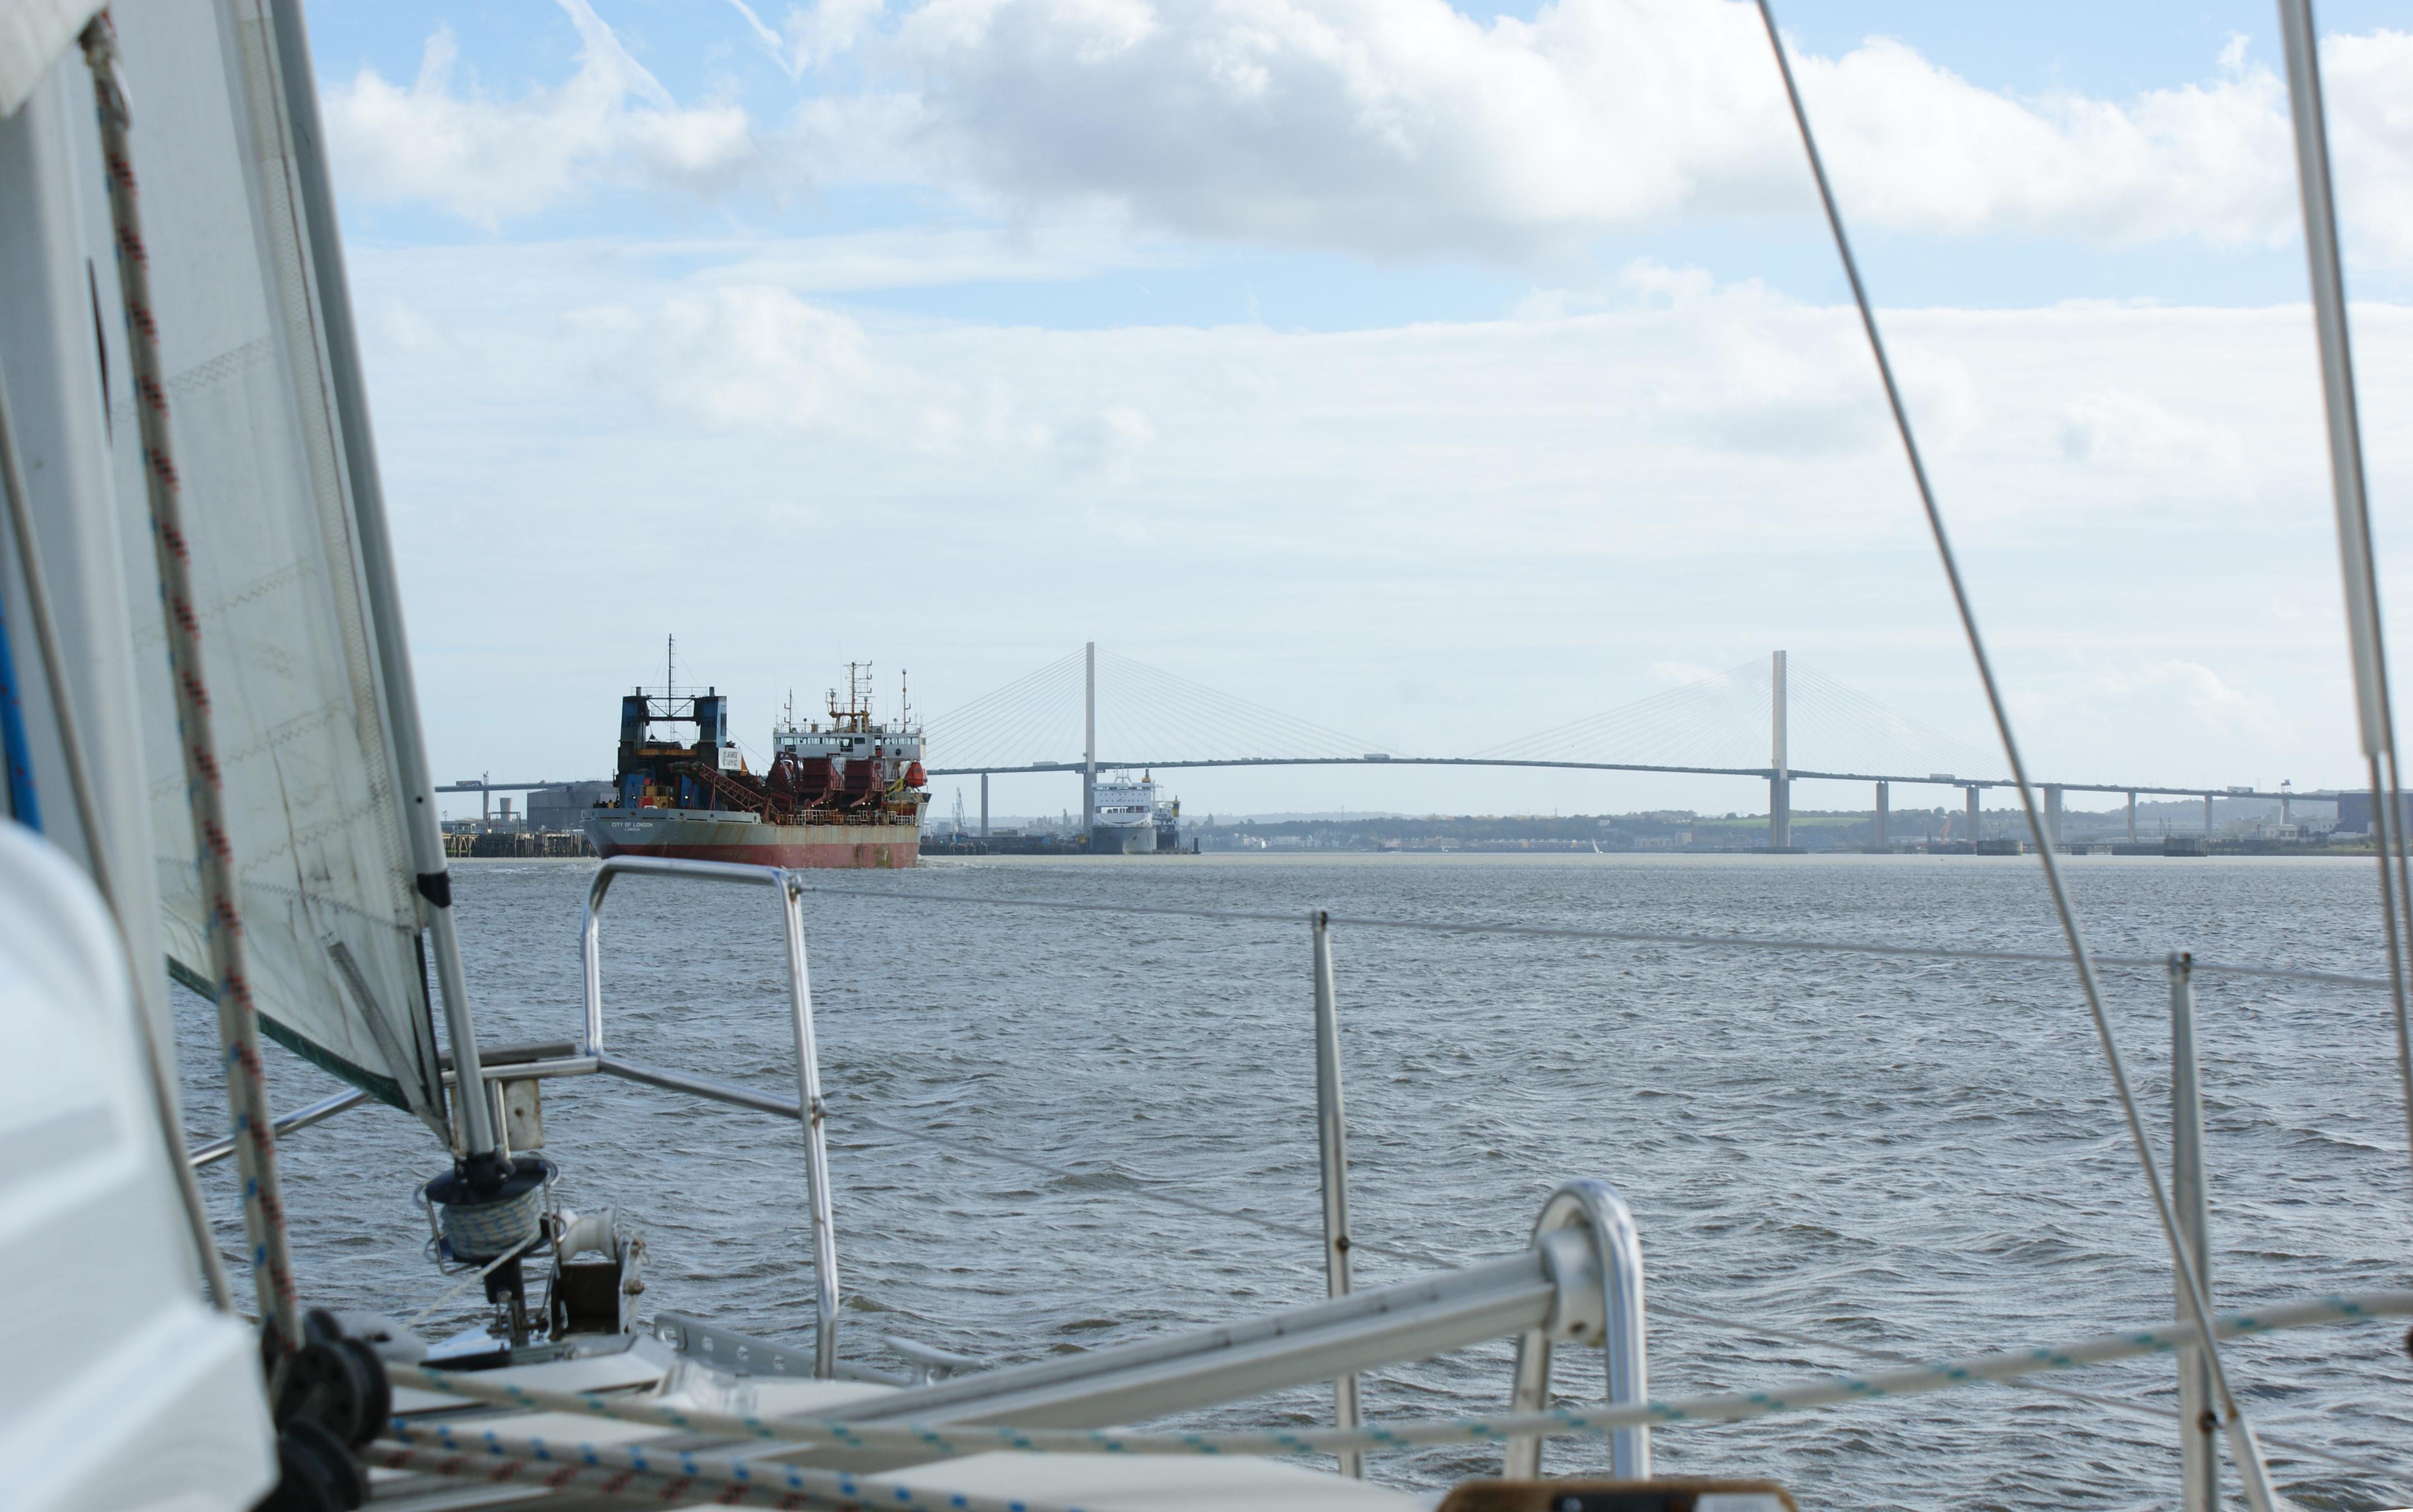 Passing under QE2 Bridge